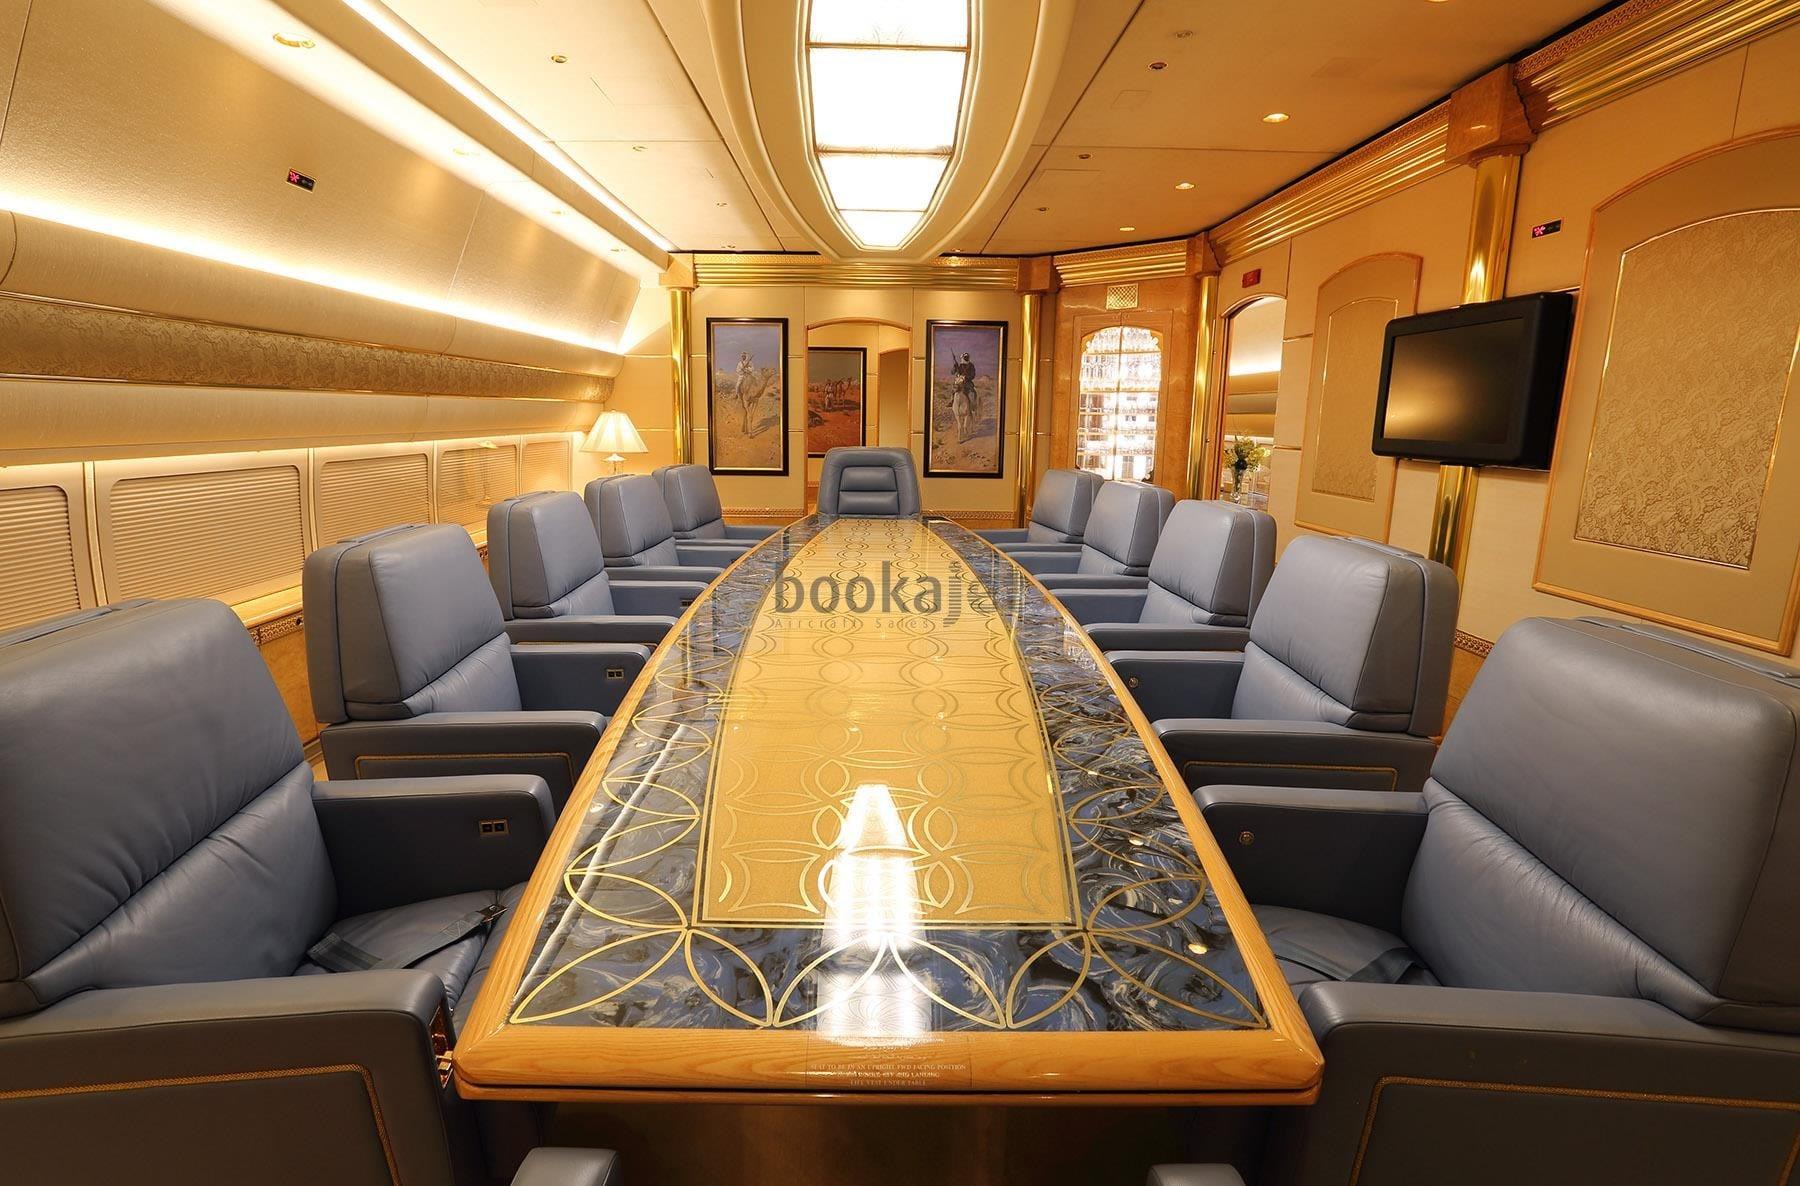 jet privado de la familia real de Qatar-2-min-min